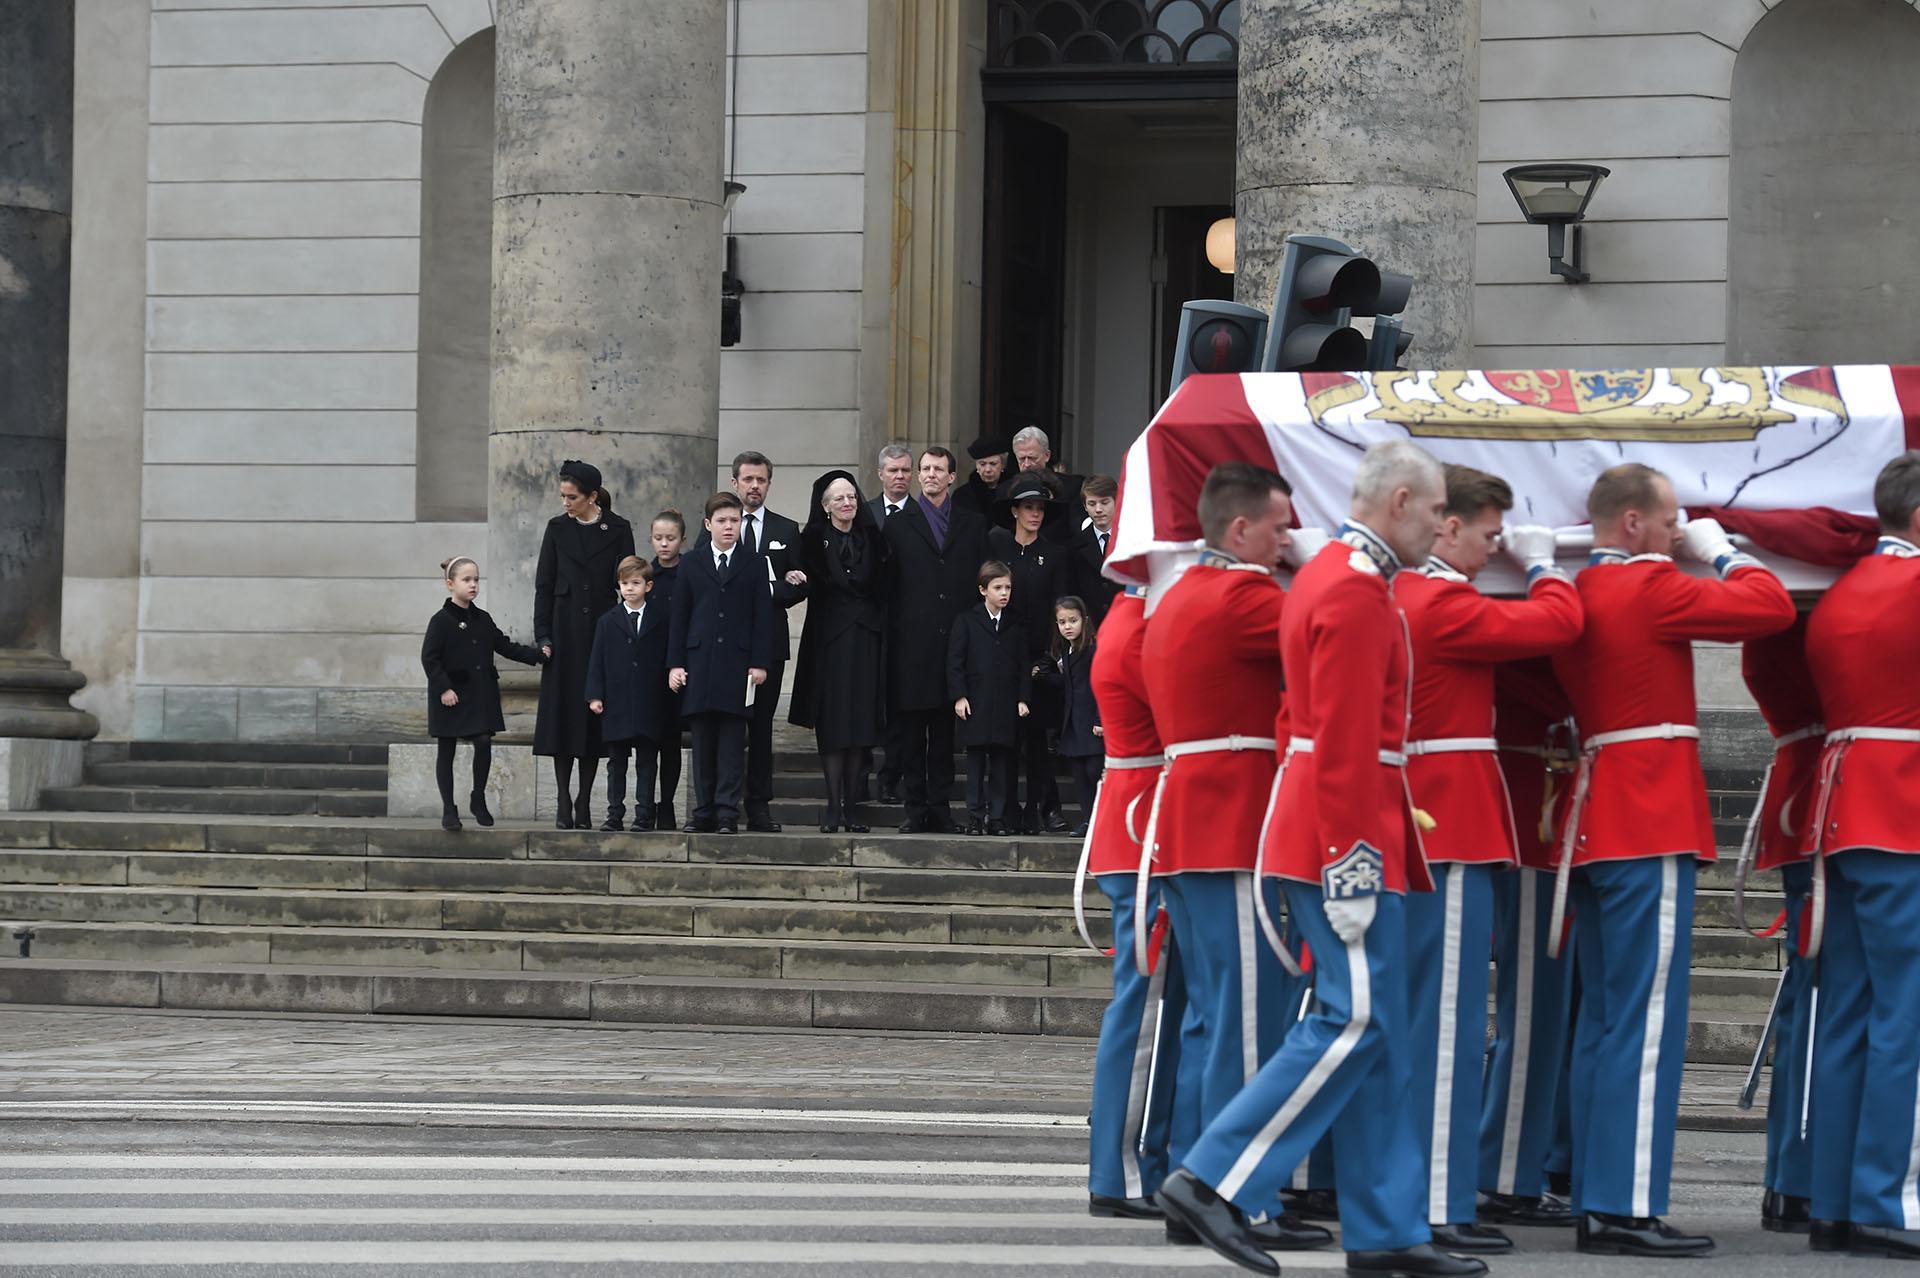 La familia real de Dinamarca observa a los soldados que llevan el féretro y que contiene los restos del príncipe Enrik, tras finalizar el servicio religioso en su memoria en la capilla del Palacio de Christiansborg, en Copenhague